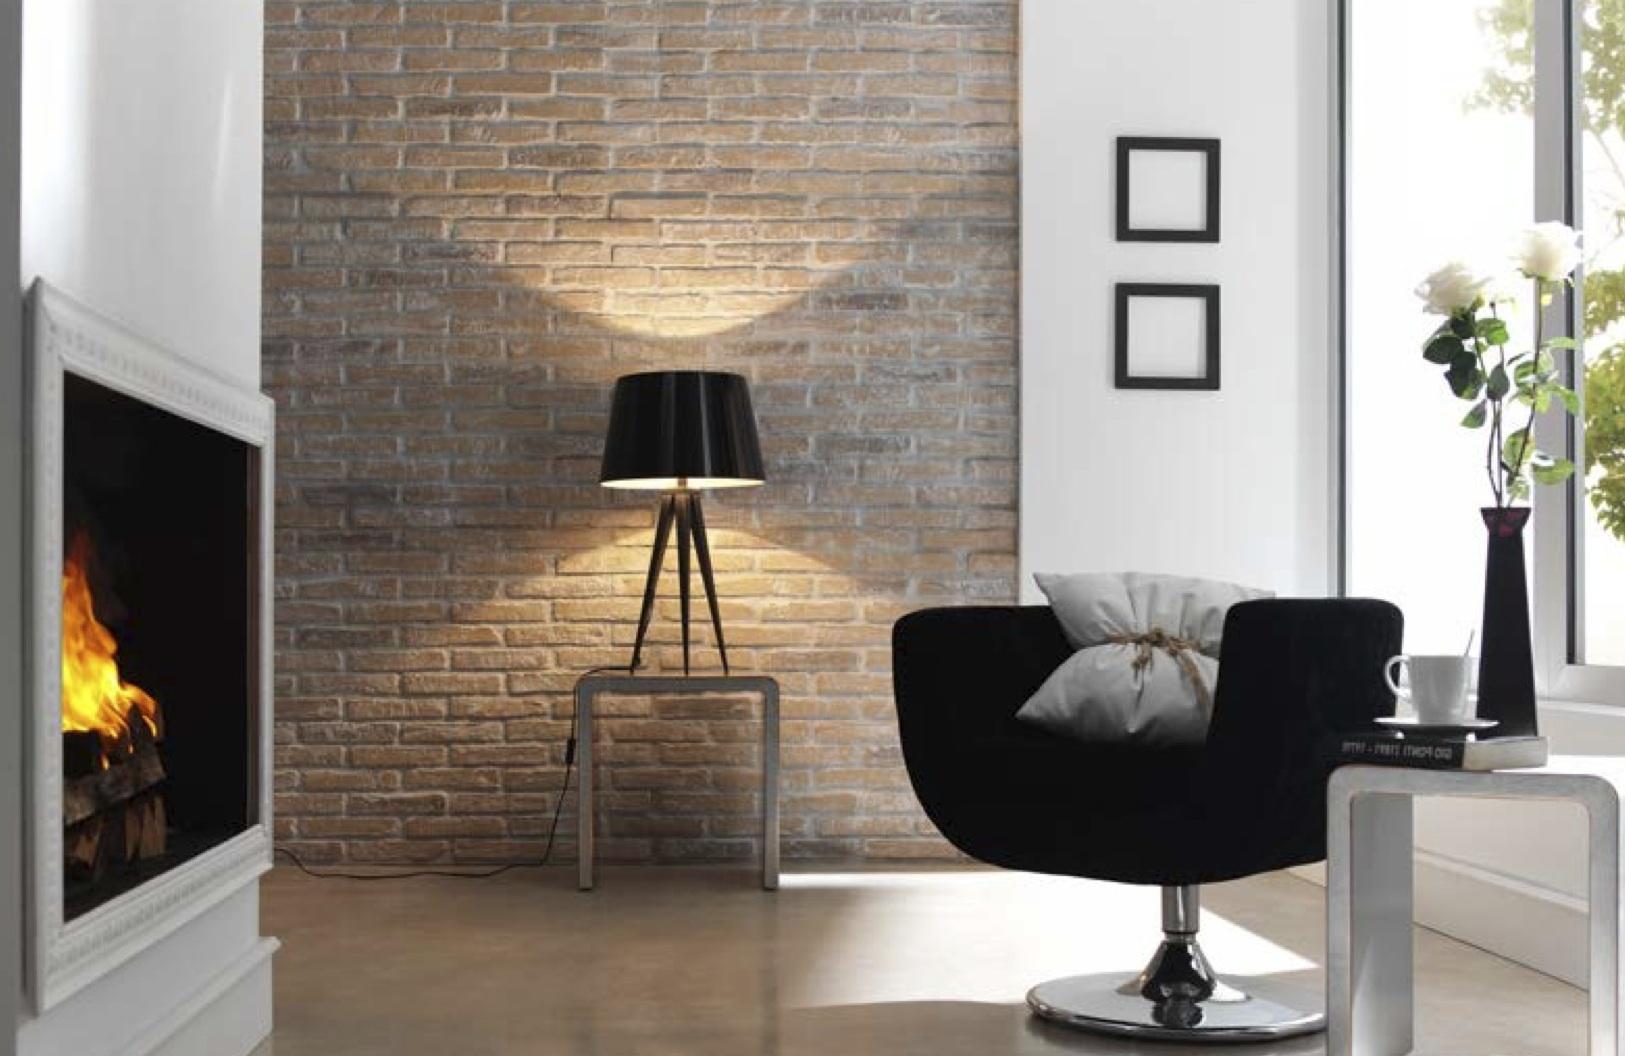 Ideas geniales en revestimiento de paredes hoy lowcost - Revestimiento paredes interior ...